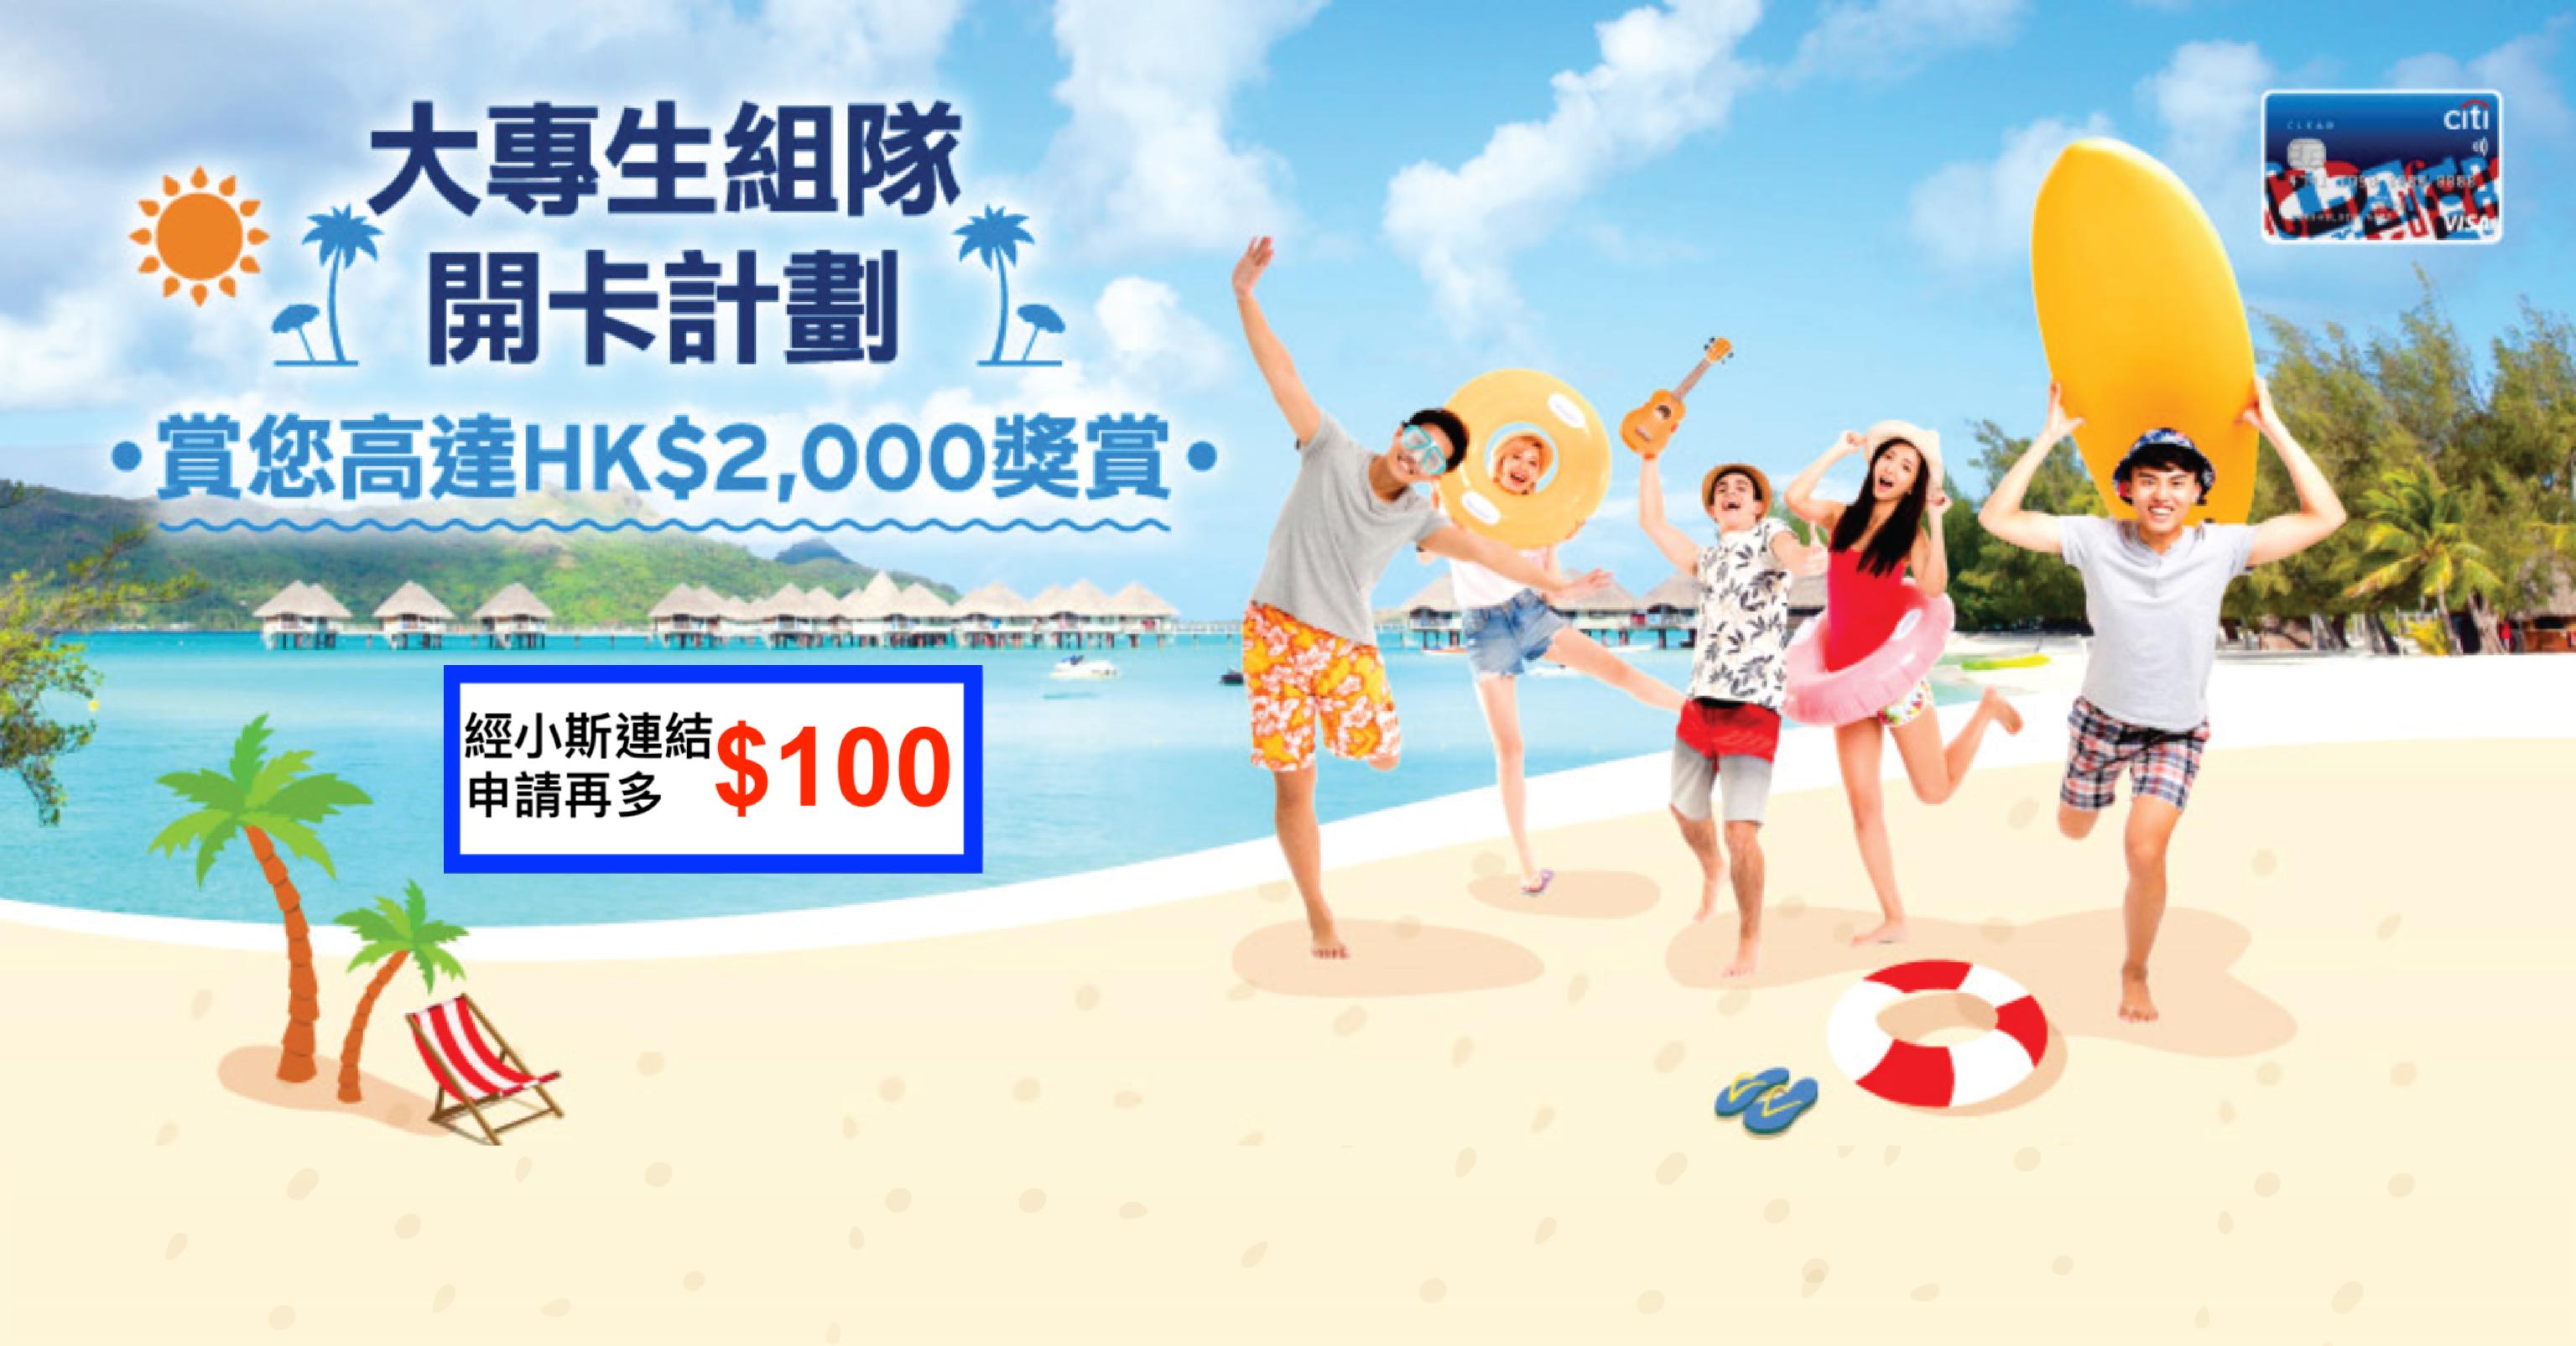 大專生限定優惠!8月份內經小斯申請Citi Clear Card可獲額外$100!夠5個人一齊組隊申請更可拎到高到$2,000獎賞!